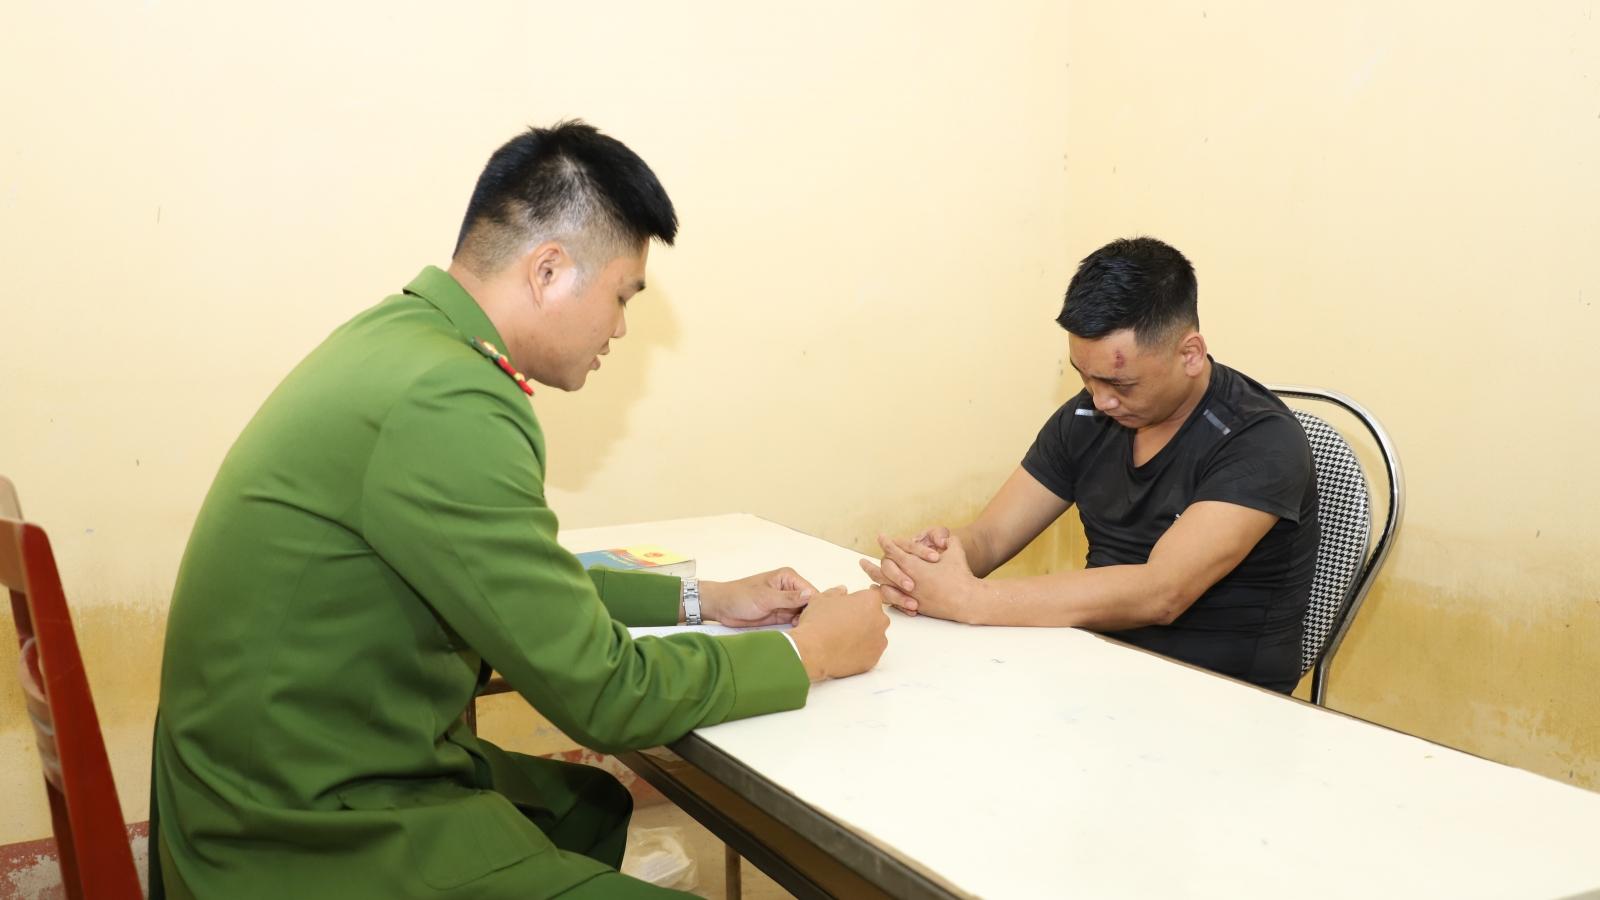 Bắt giữ đối tượng tàng trữ, sử dụng trái phép vũ khí quân dụng ở Yên Bái